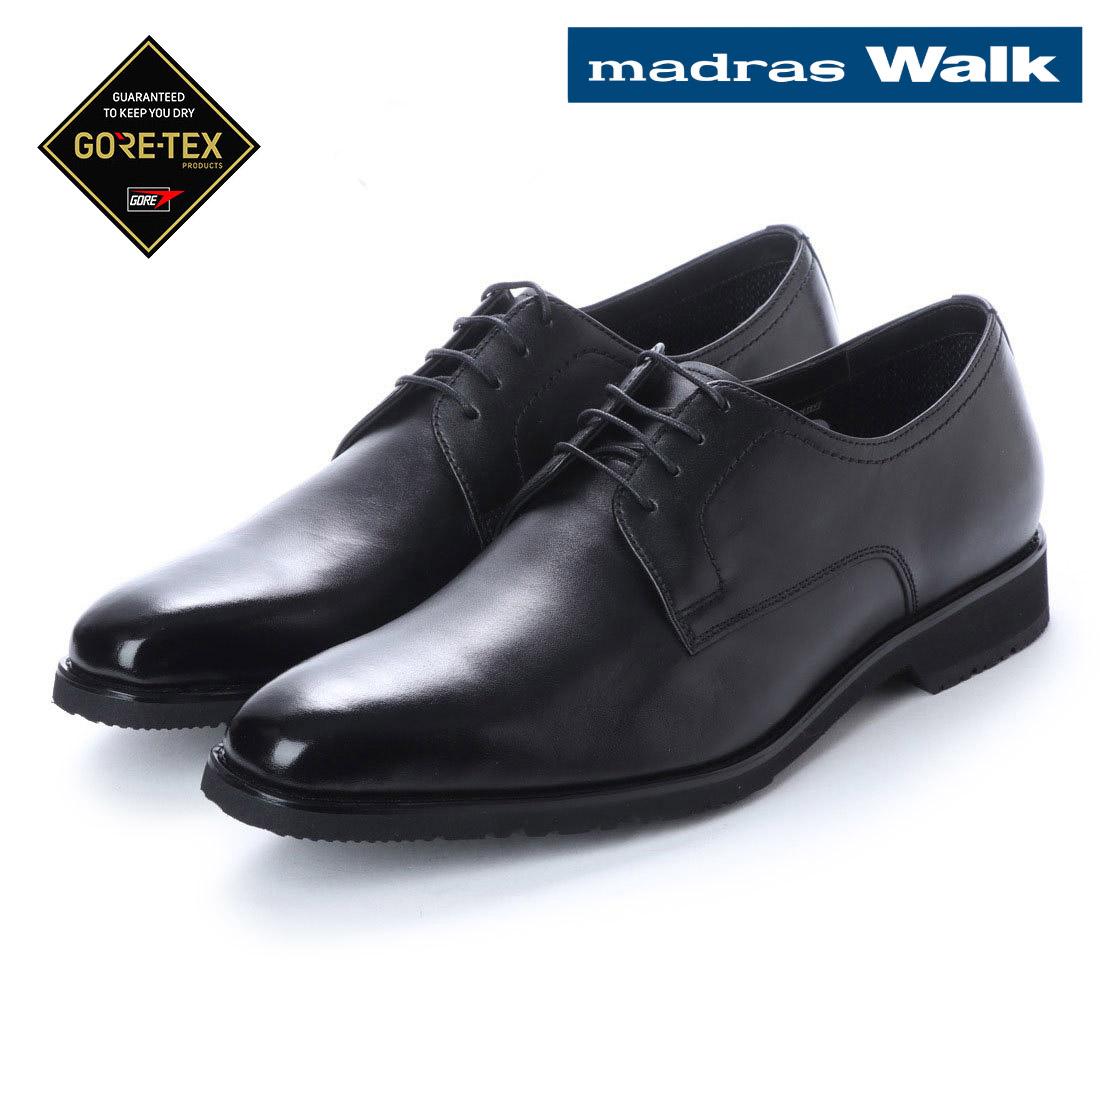 madras Walk マドラス外羽根 プレーントゥ ビジネス シューズ MW8022 防水 革靴 【nesh】 【新品】